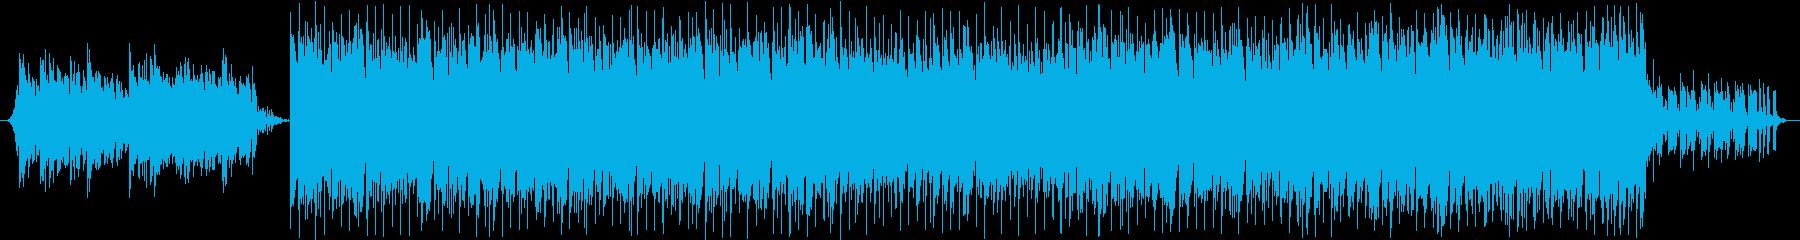 爽やかでポップなピアノハウスの再生済みの波形